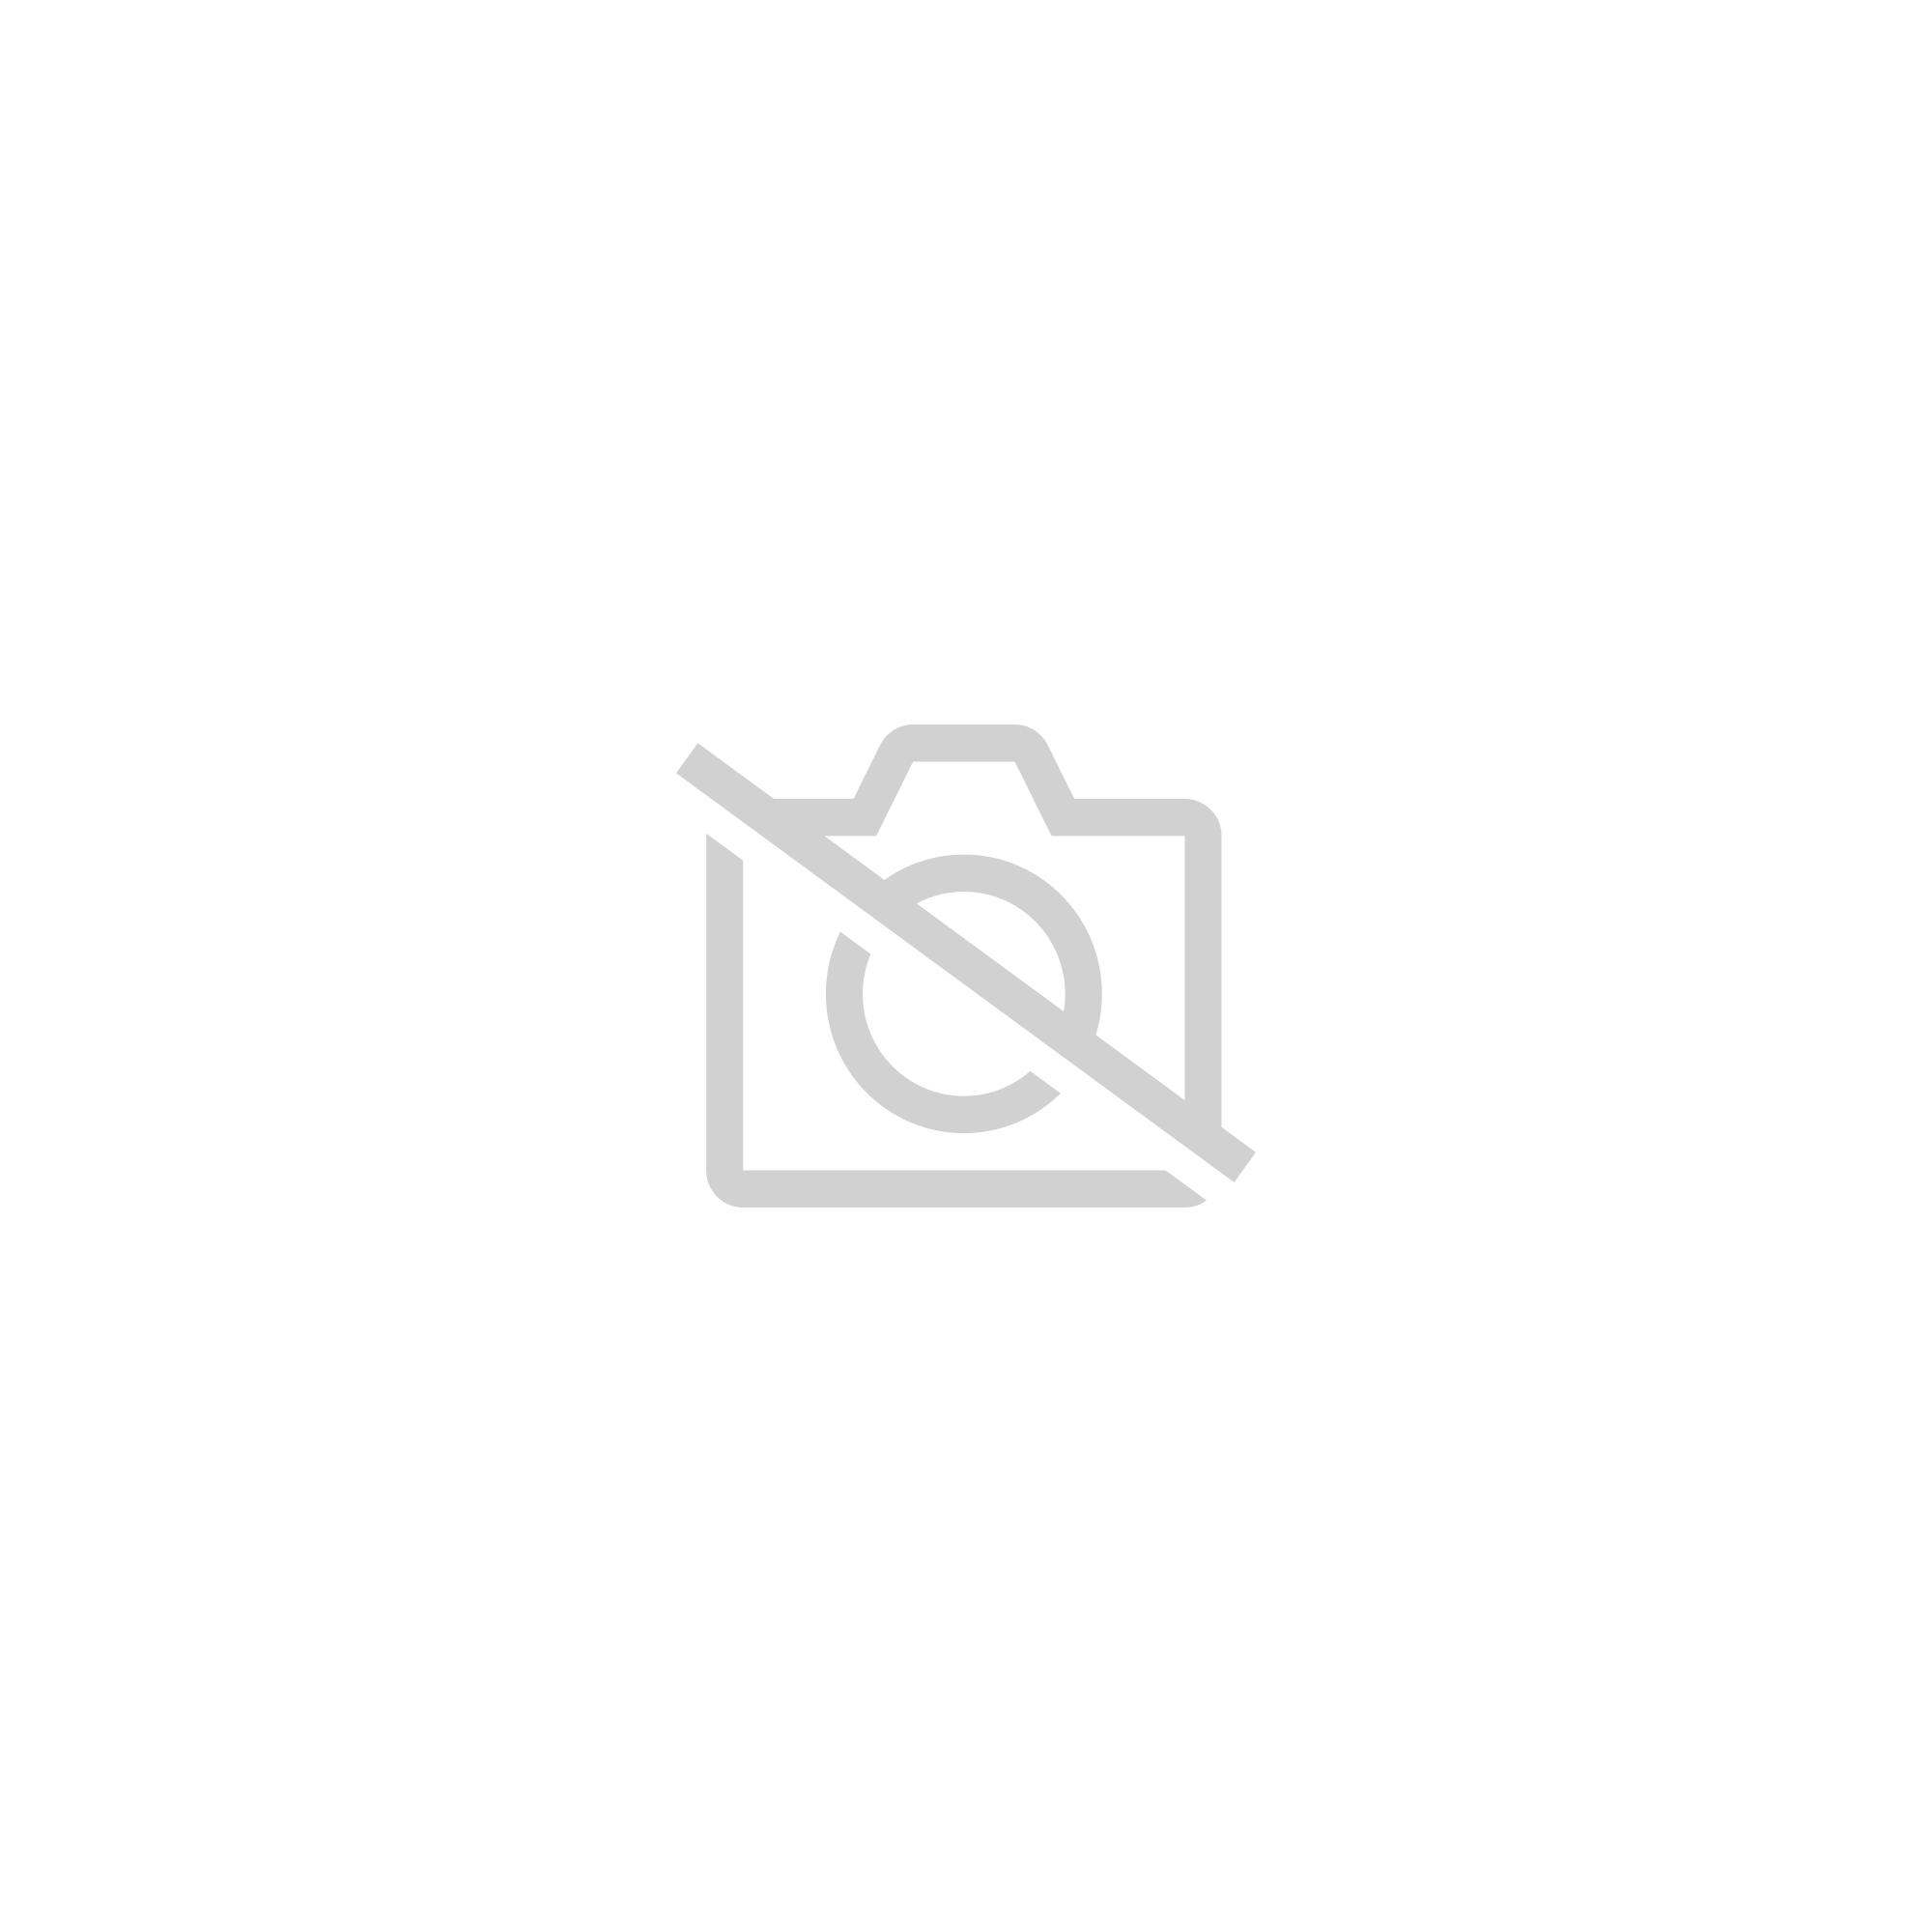 Warhammer Battle - Necromancien Des Comtes Vampires (91-34)